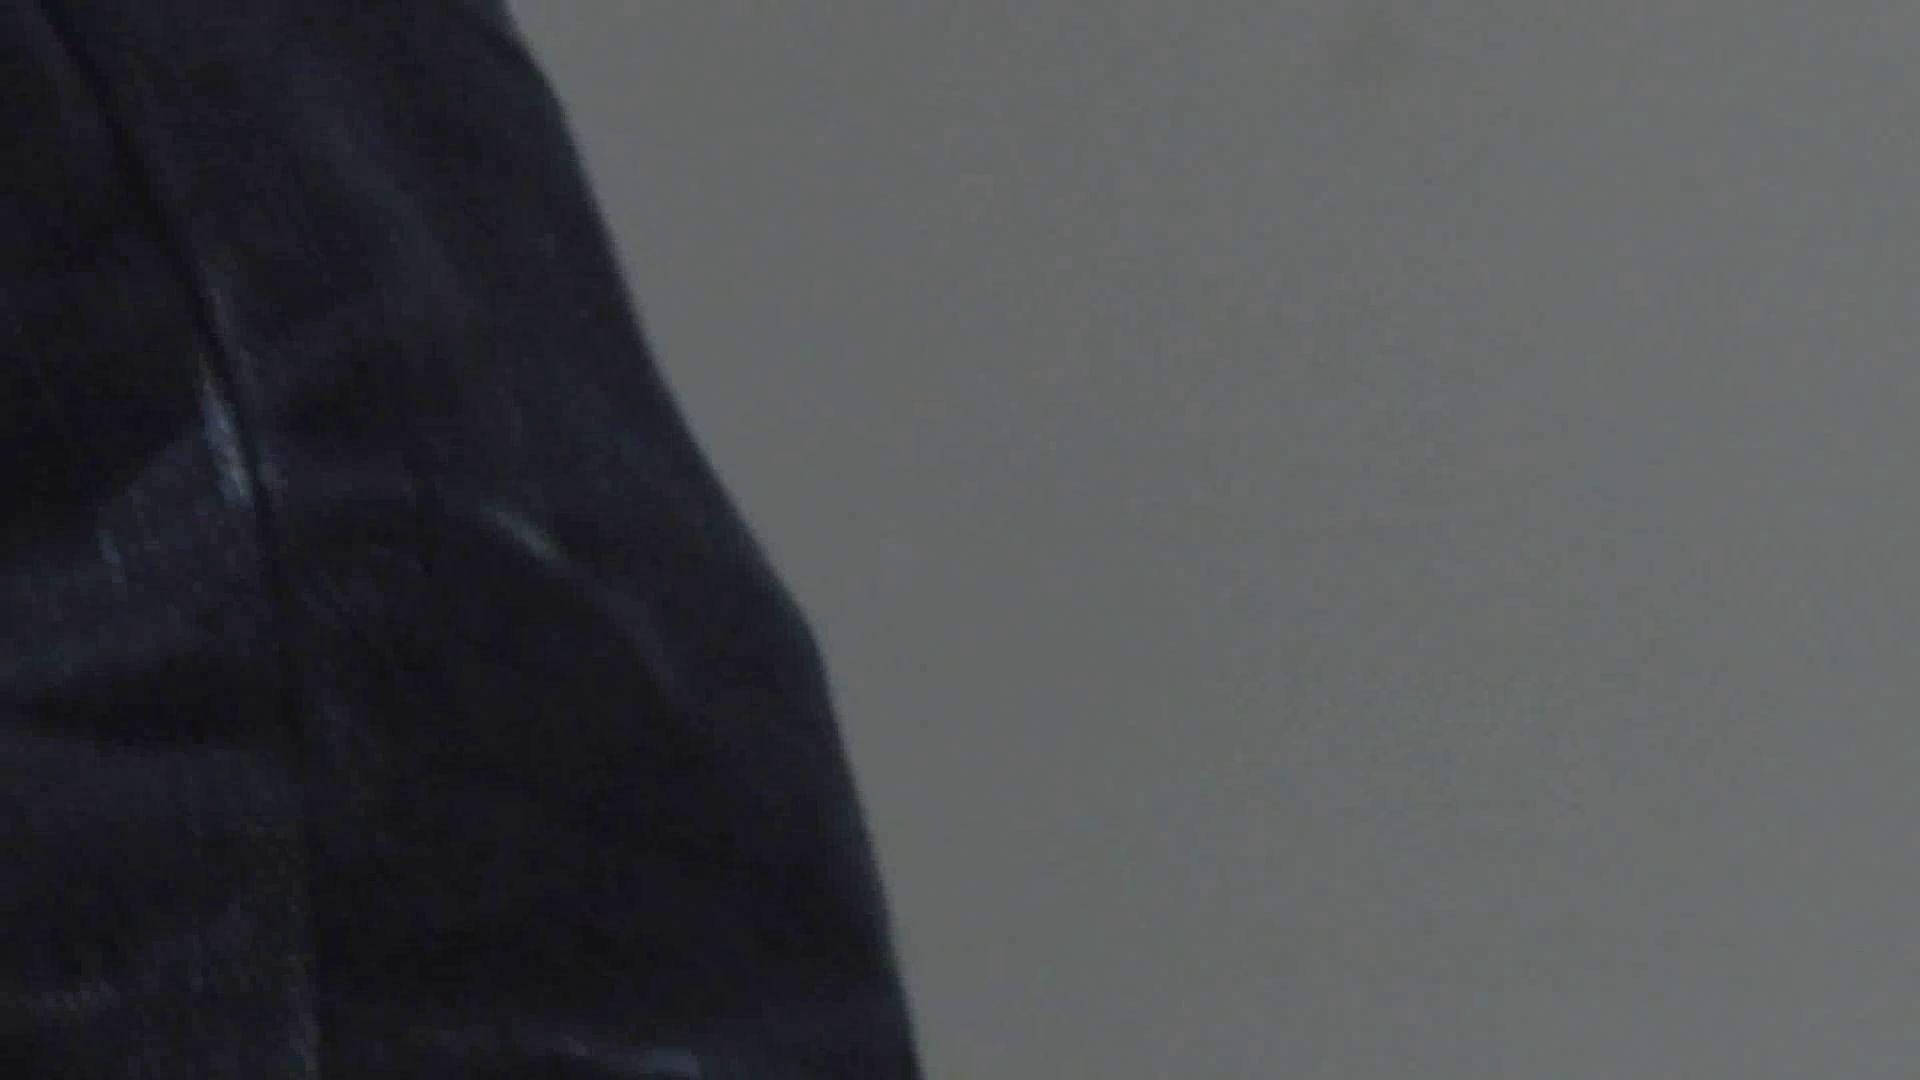 vol.24 命がけ潜伏洗面所! 三十時間潜り、一つしか出会えない完璧桃尻編 洗面所突入   美しいOLの裸体  103pic 25